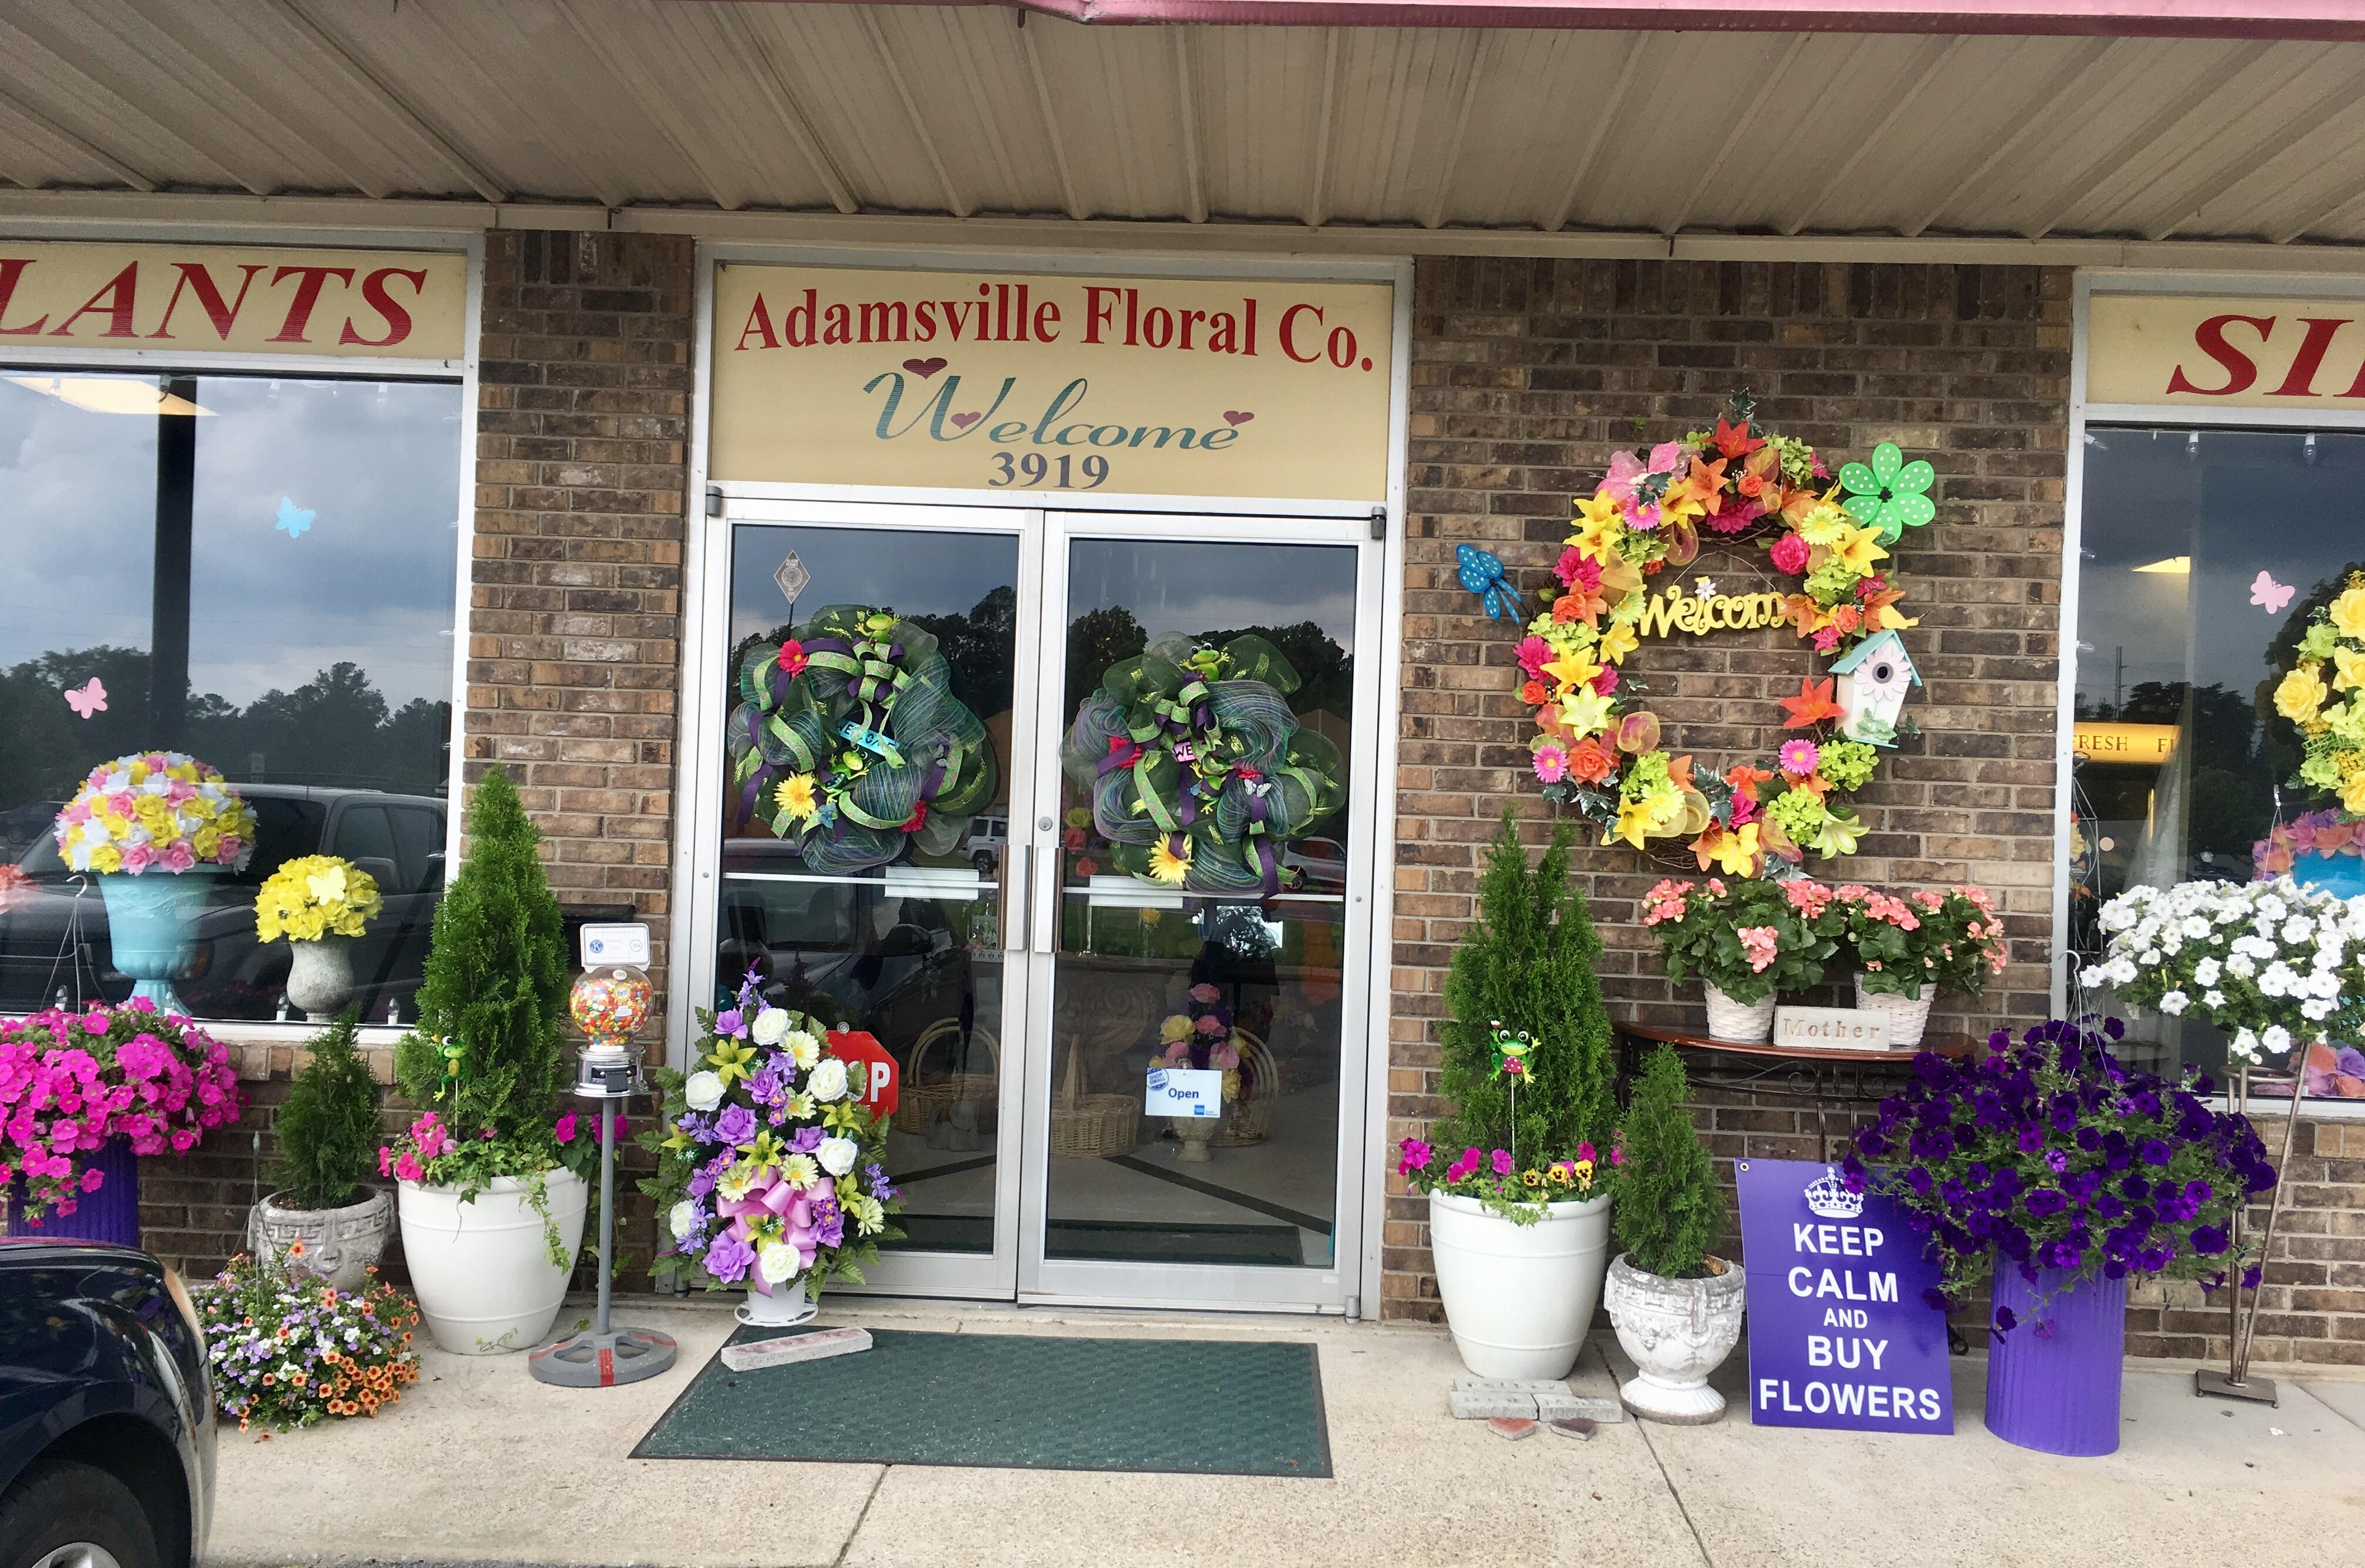 Adamsville floral company 3919 veterans memorial dr adamsville al adamsville floral company 3919 veterans memorial dr adamsville al 35005 yp izmirmasajfo